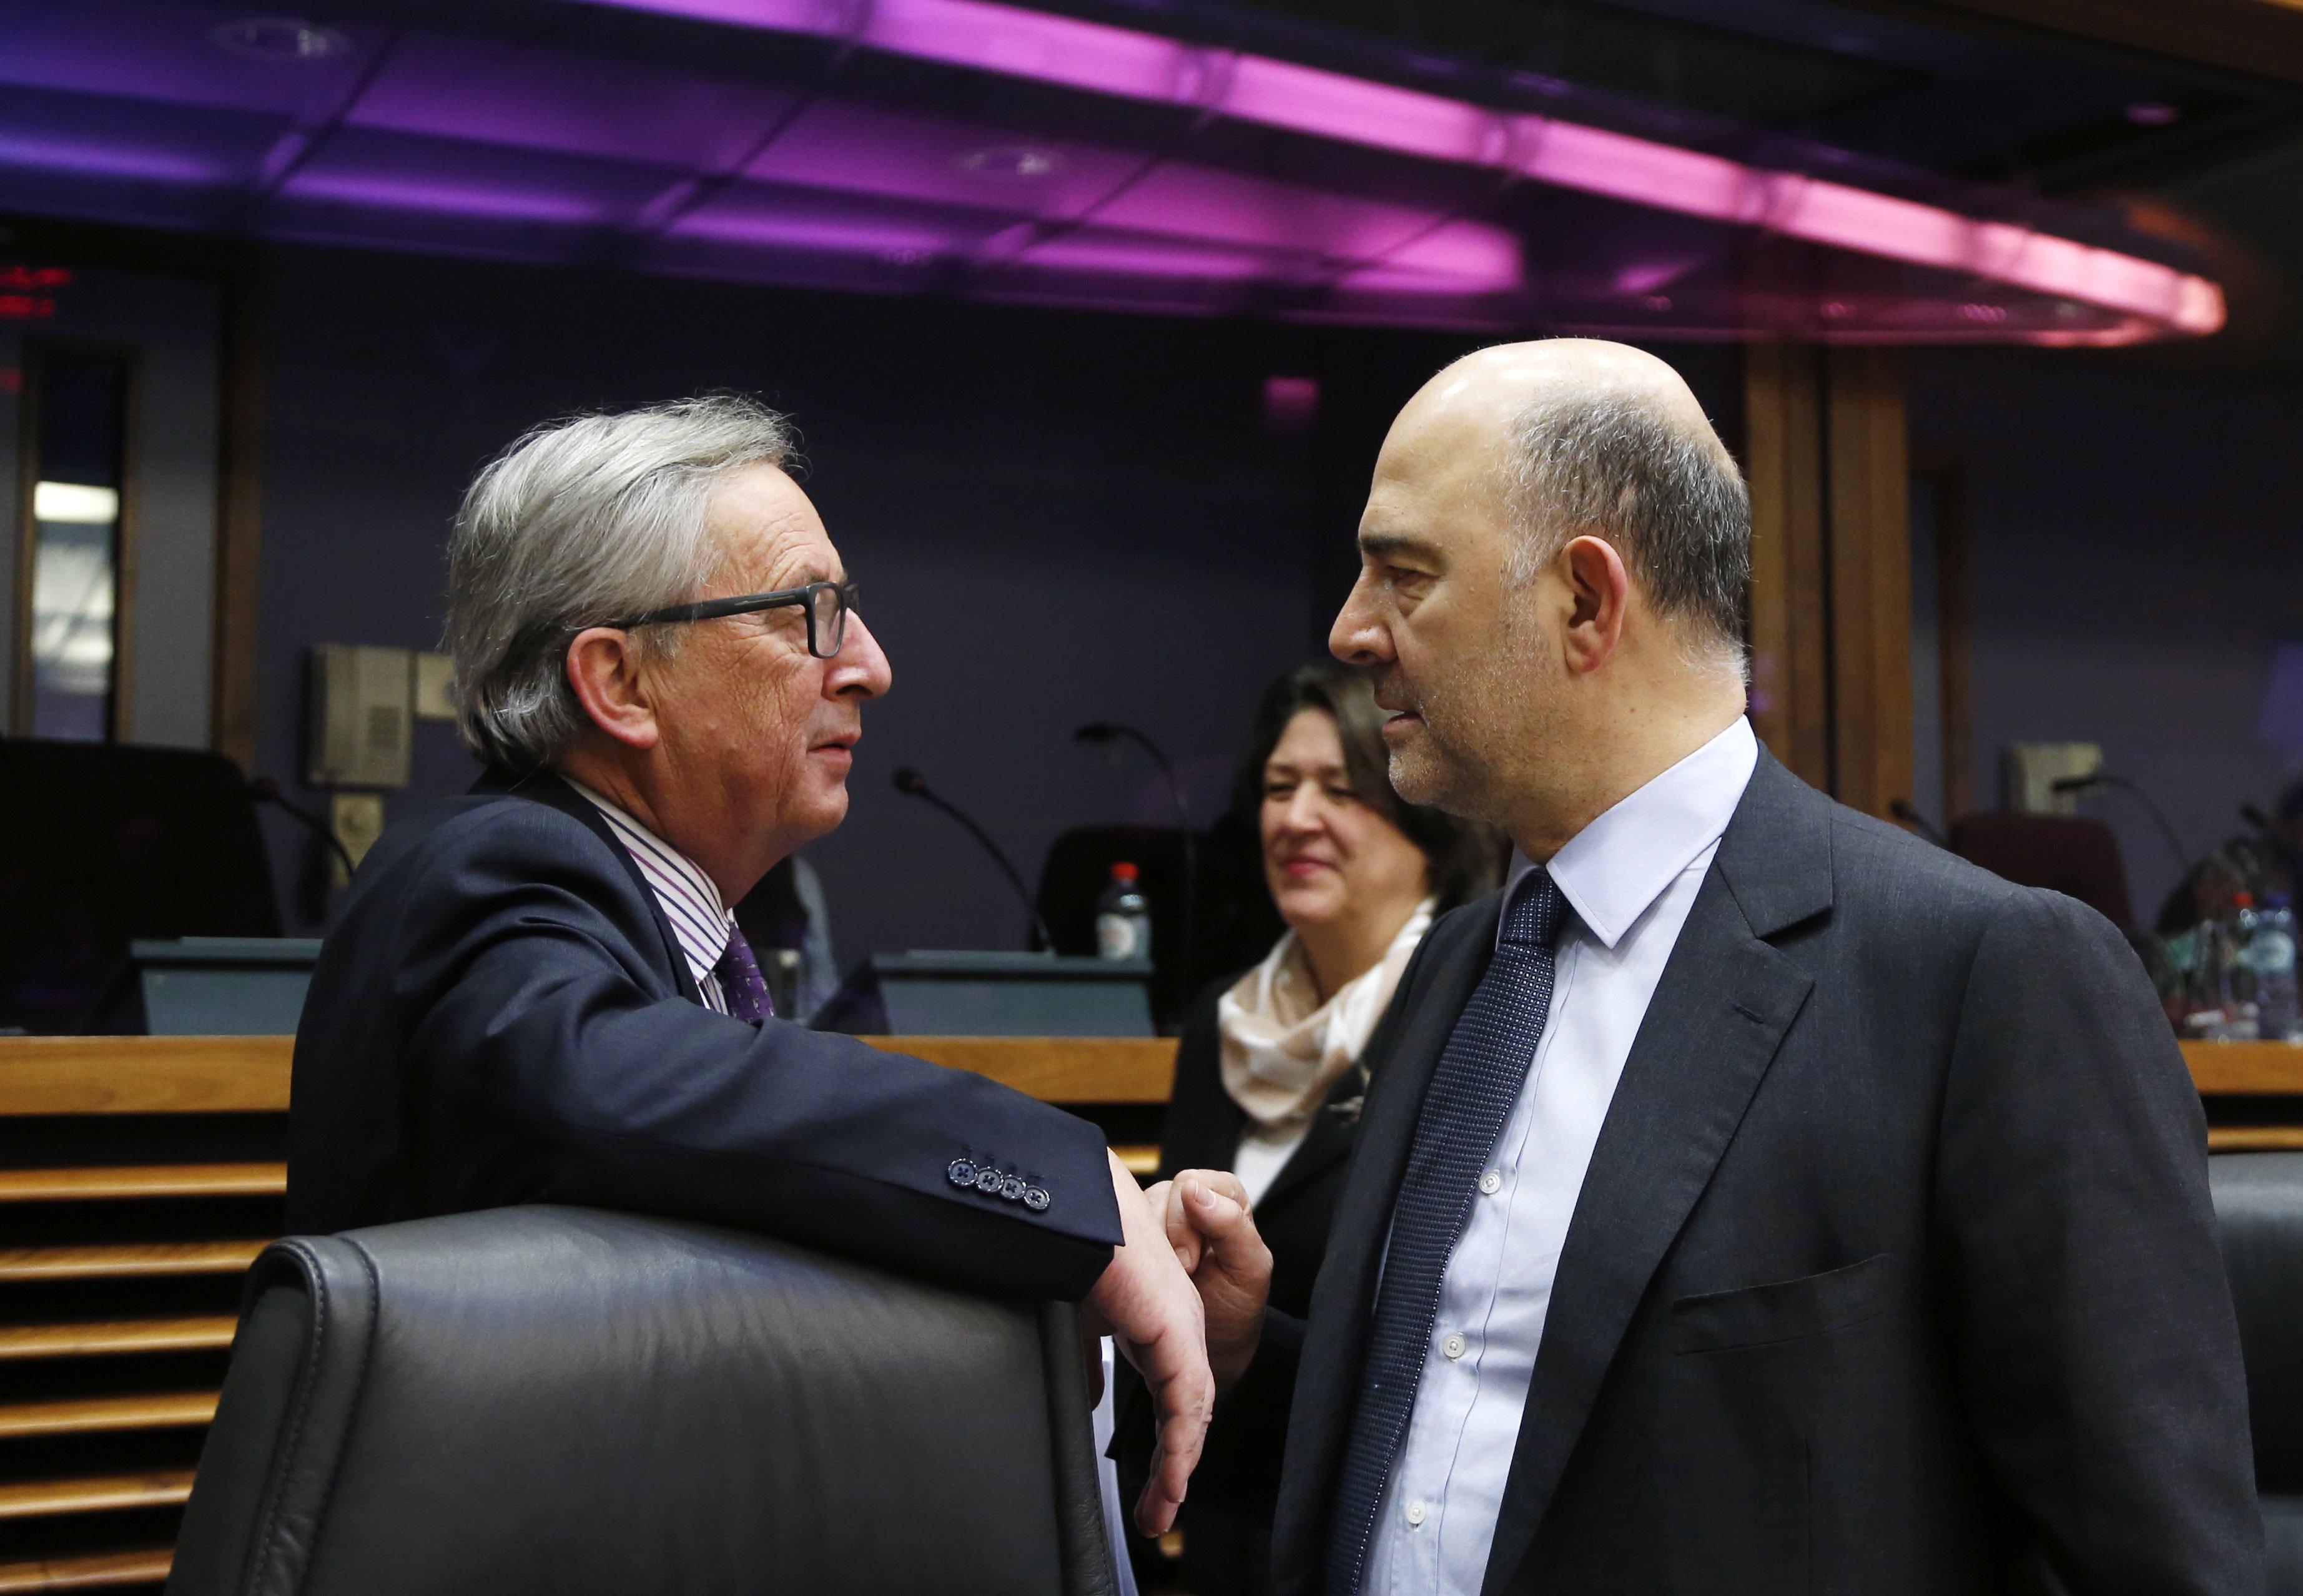 «Η Ιταλία χαίρει σεβασμού». Γιούνκερ και Μοσκοβισί προσπαθούν να κατευνάσουν την οργή μετά τη δήλωση